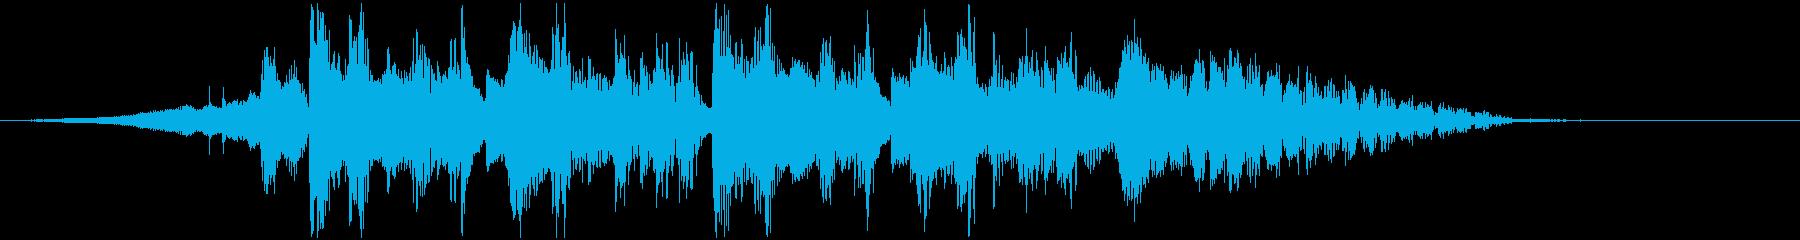 ギターのユニゾンが心地よいジングルの再生済みの波形